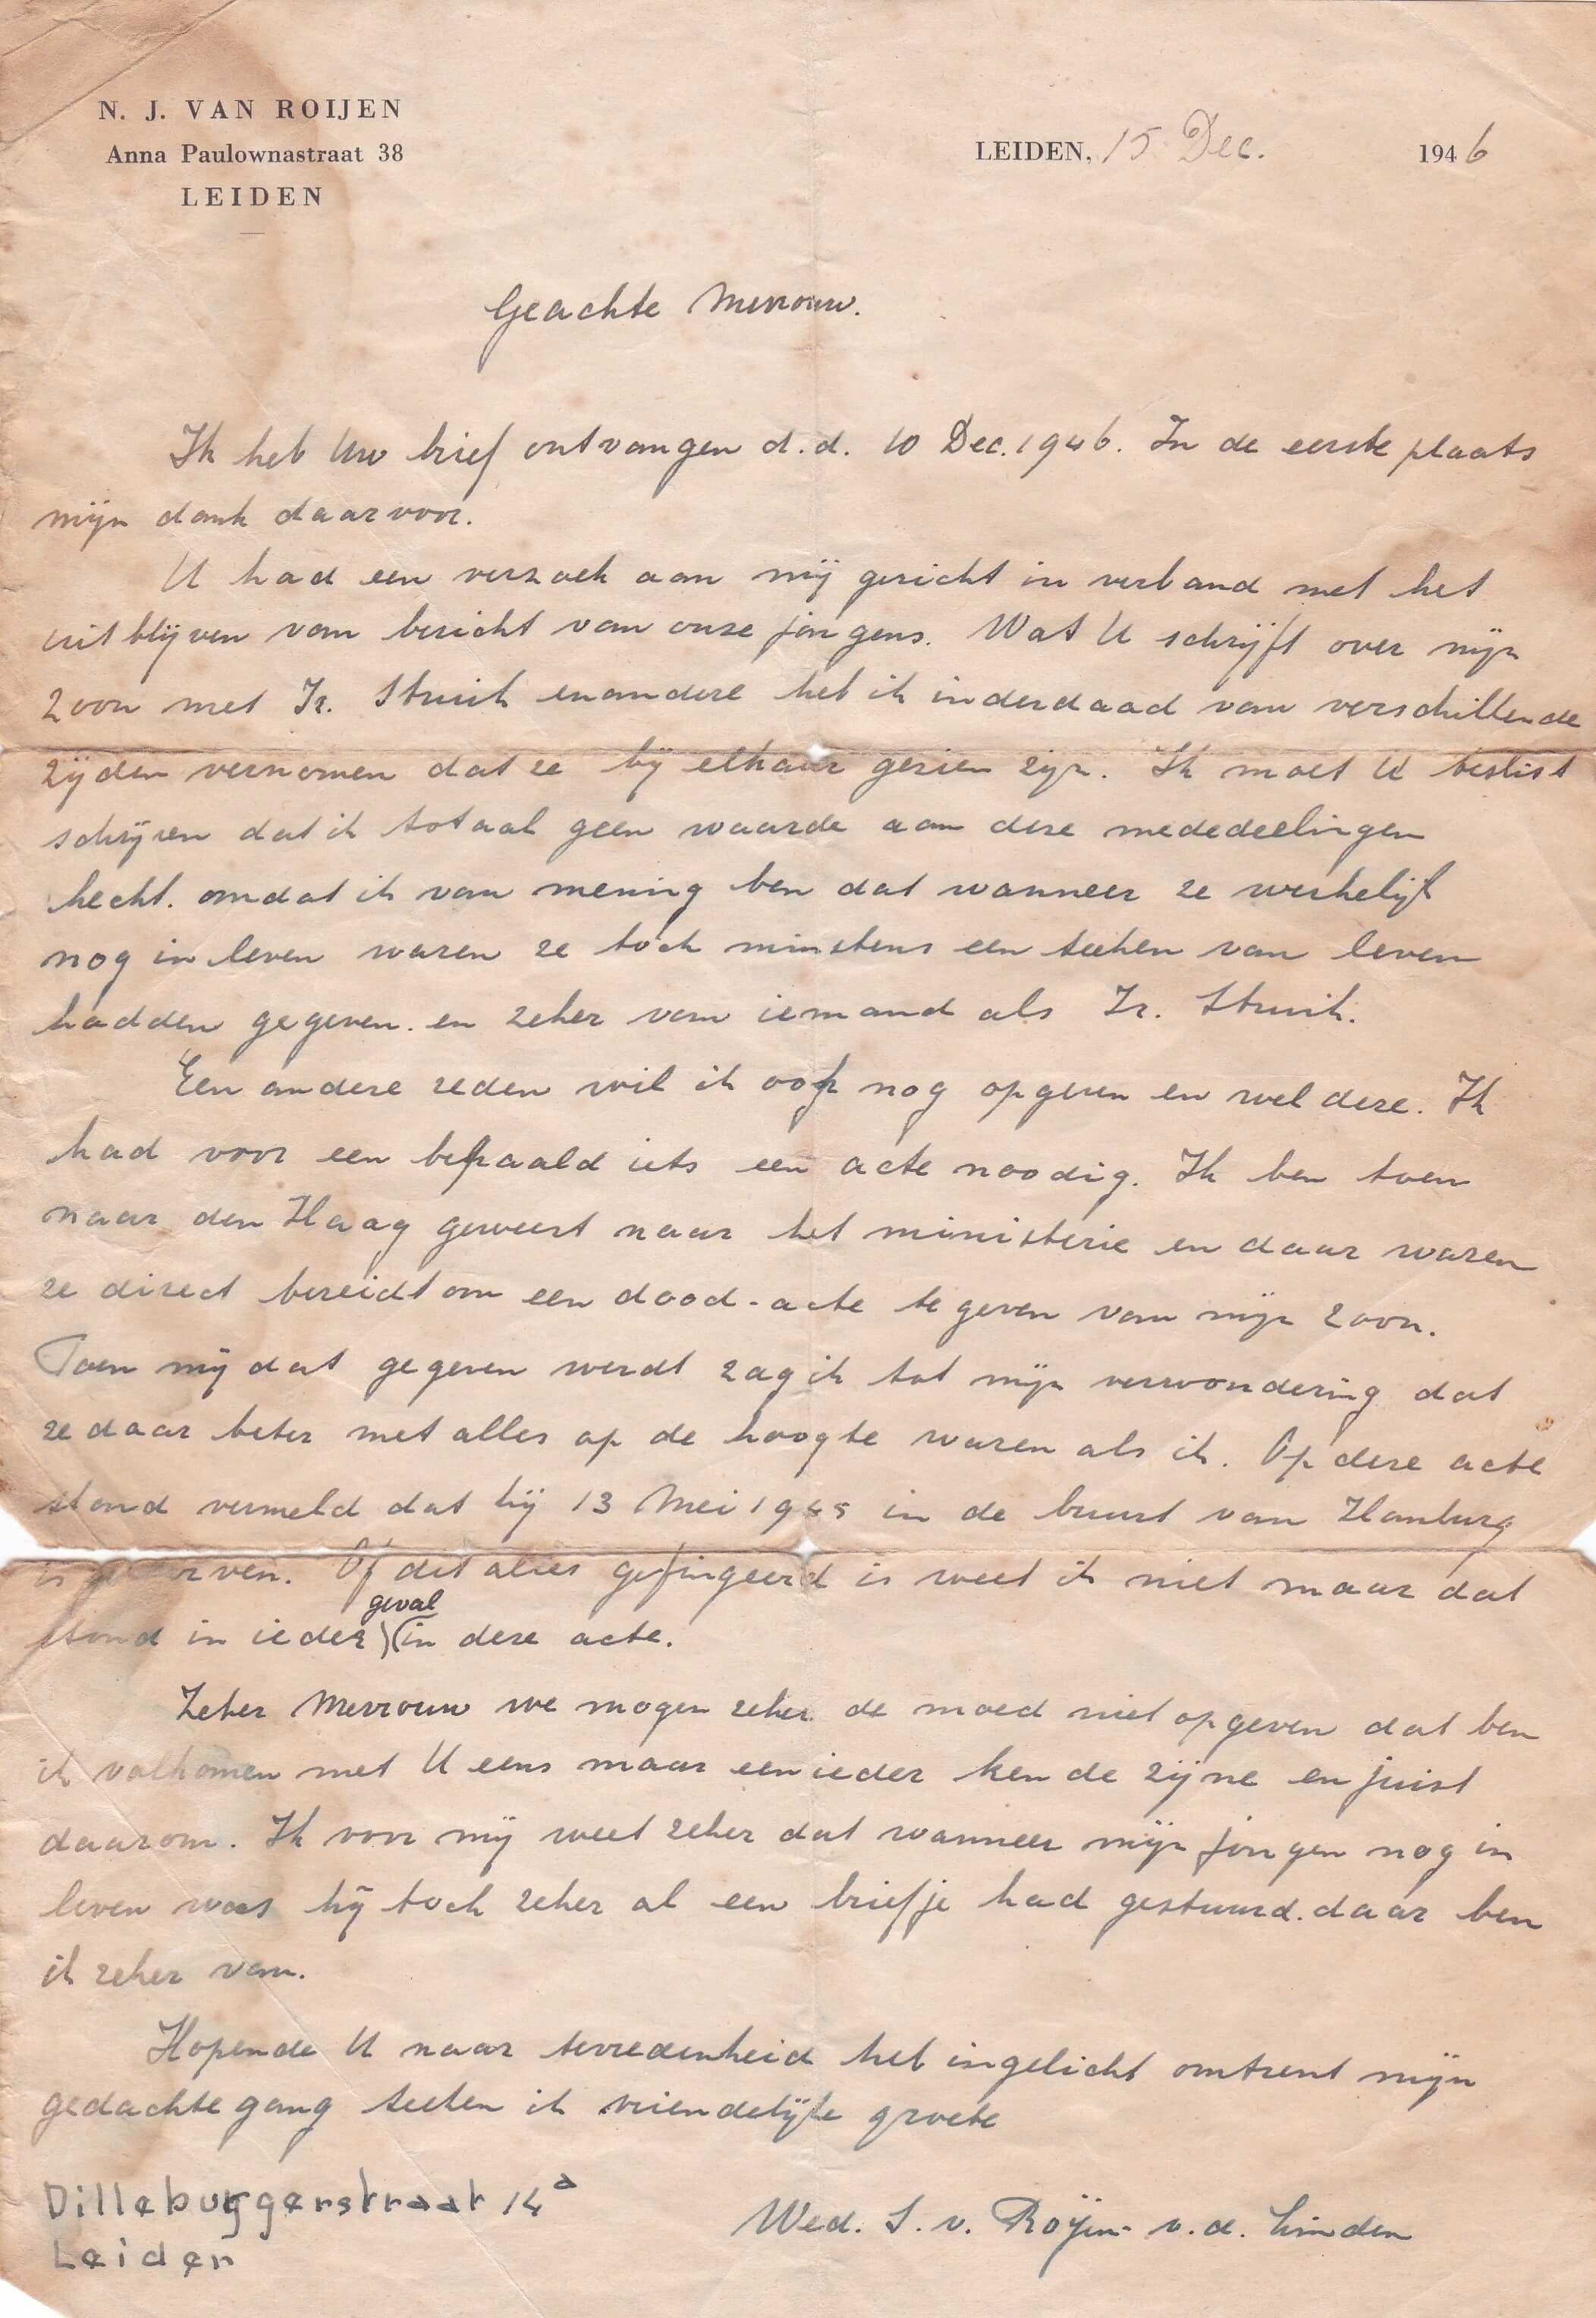 brief weduwe van Roijen-vd linden 15-12-1946